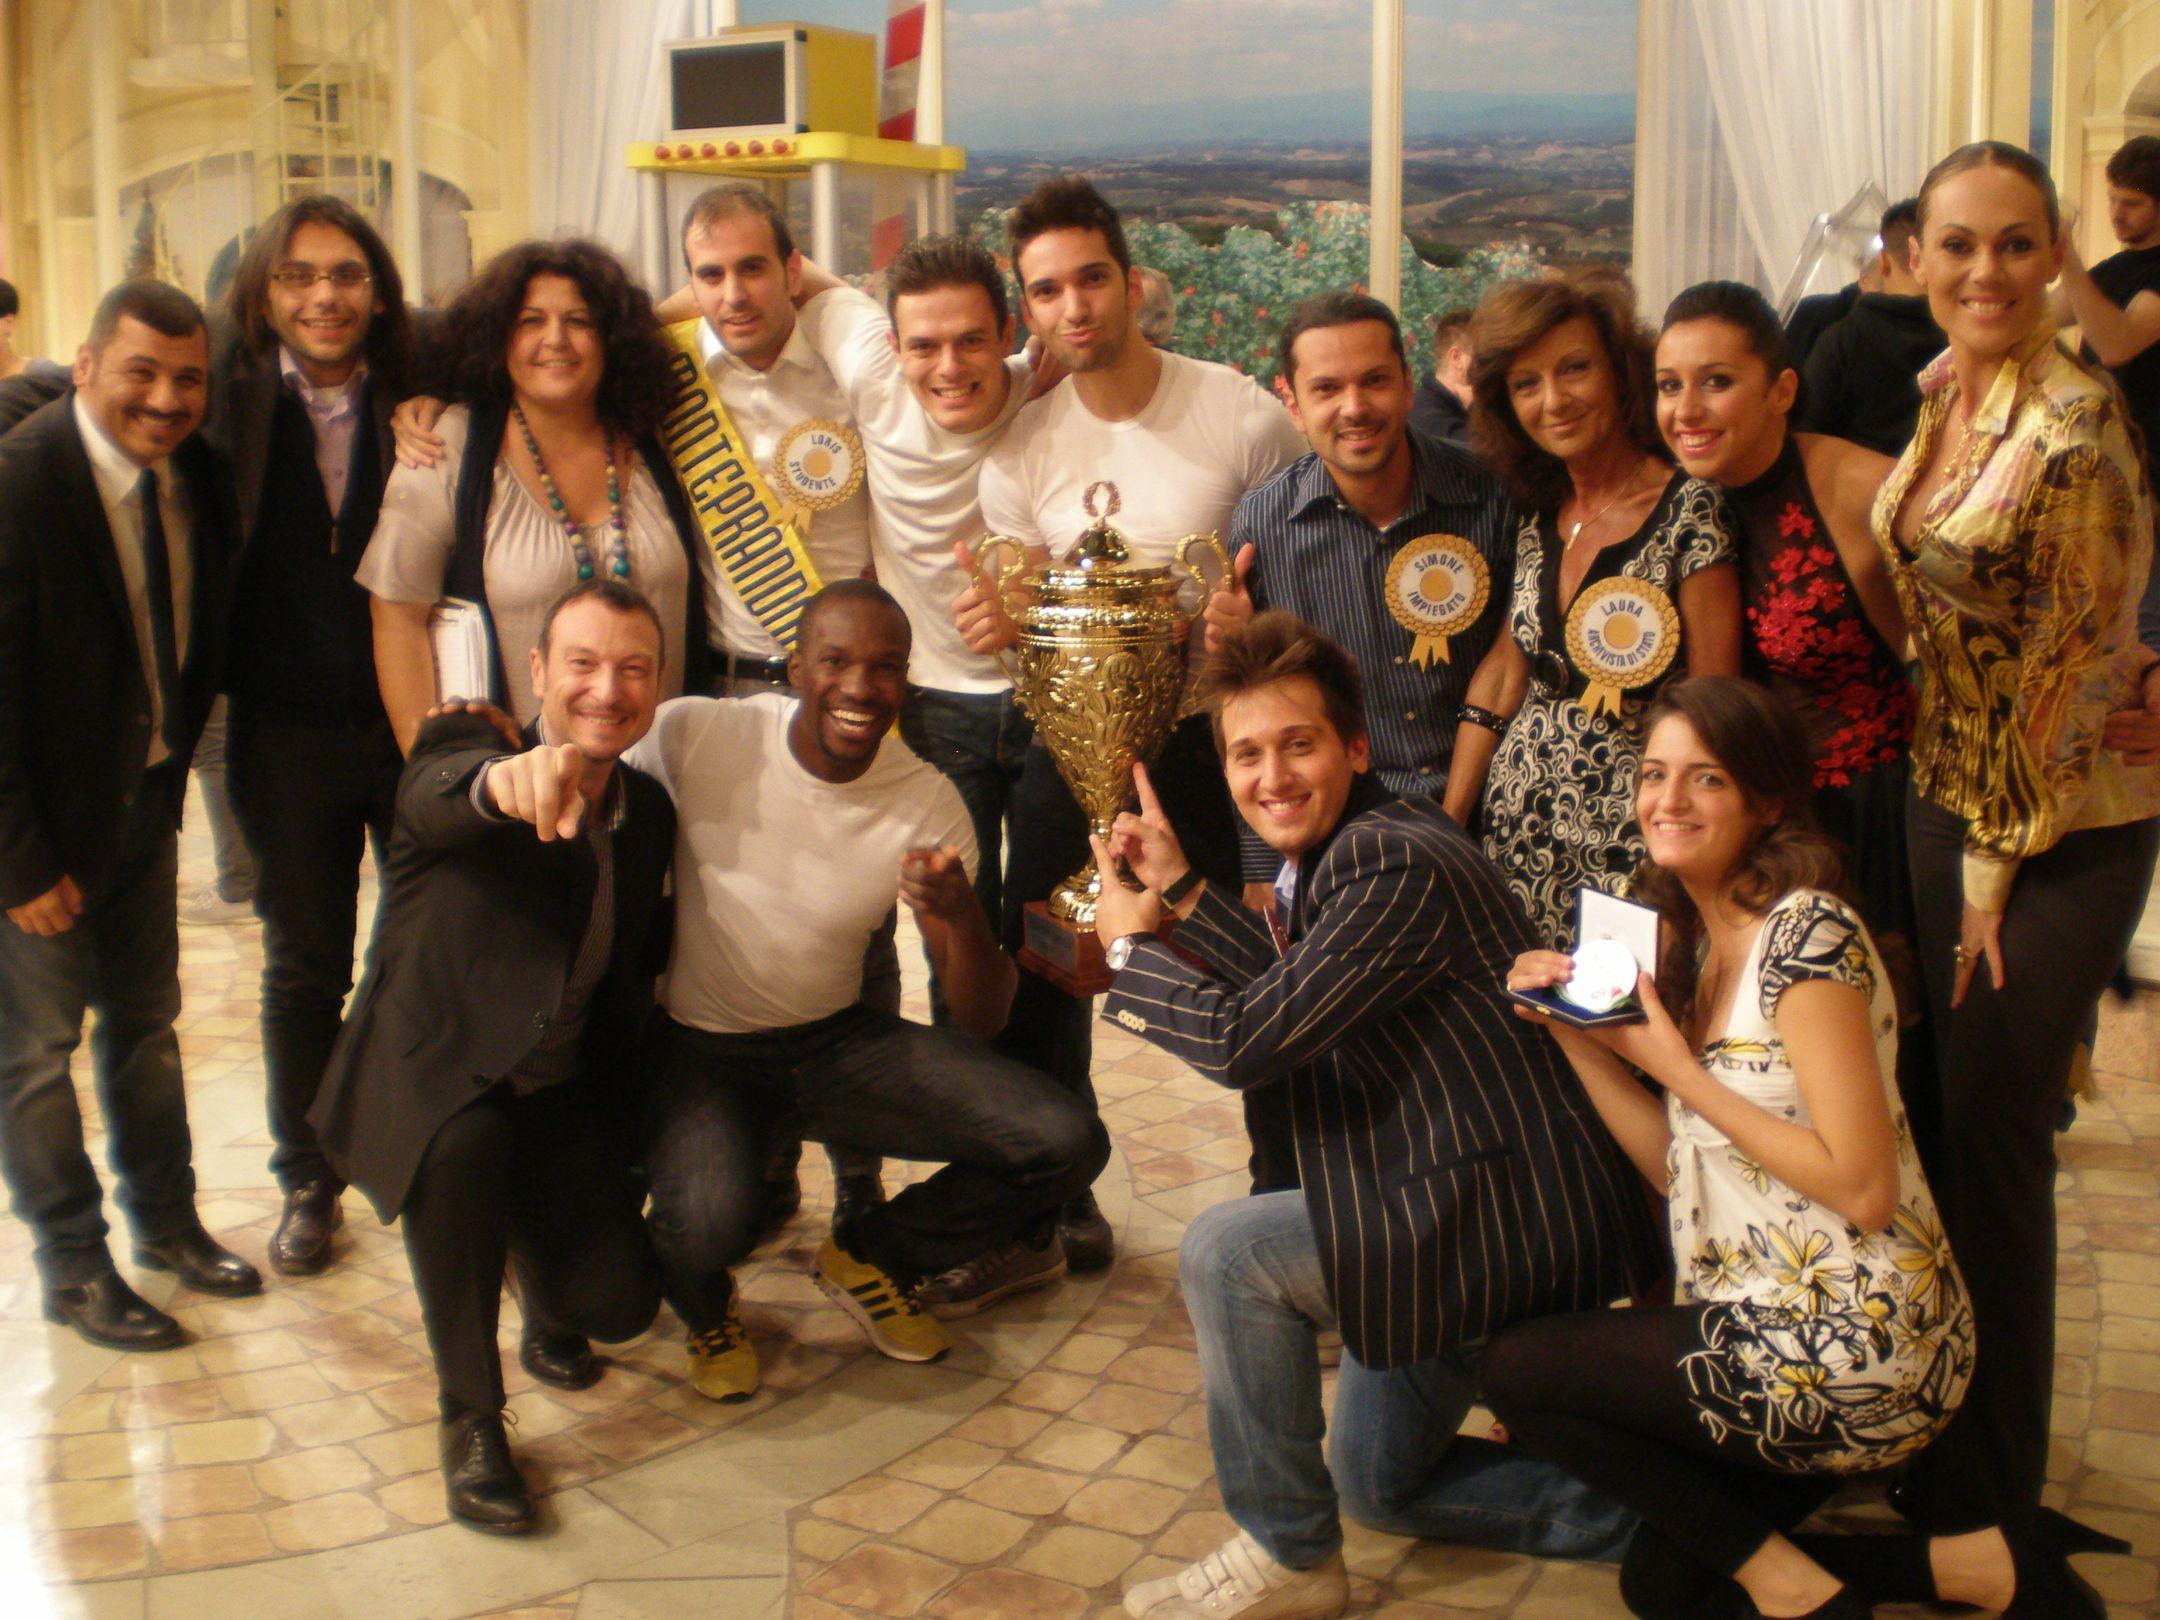 Mezzogiorno in famiglia, i vincitori con Sergio Friscia, Amadeus, Natalia Titova e Francesca Giuliani